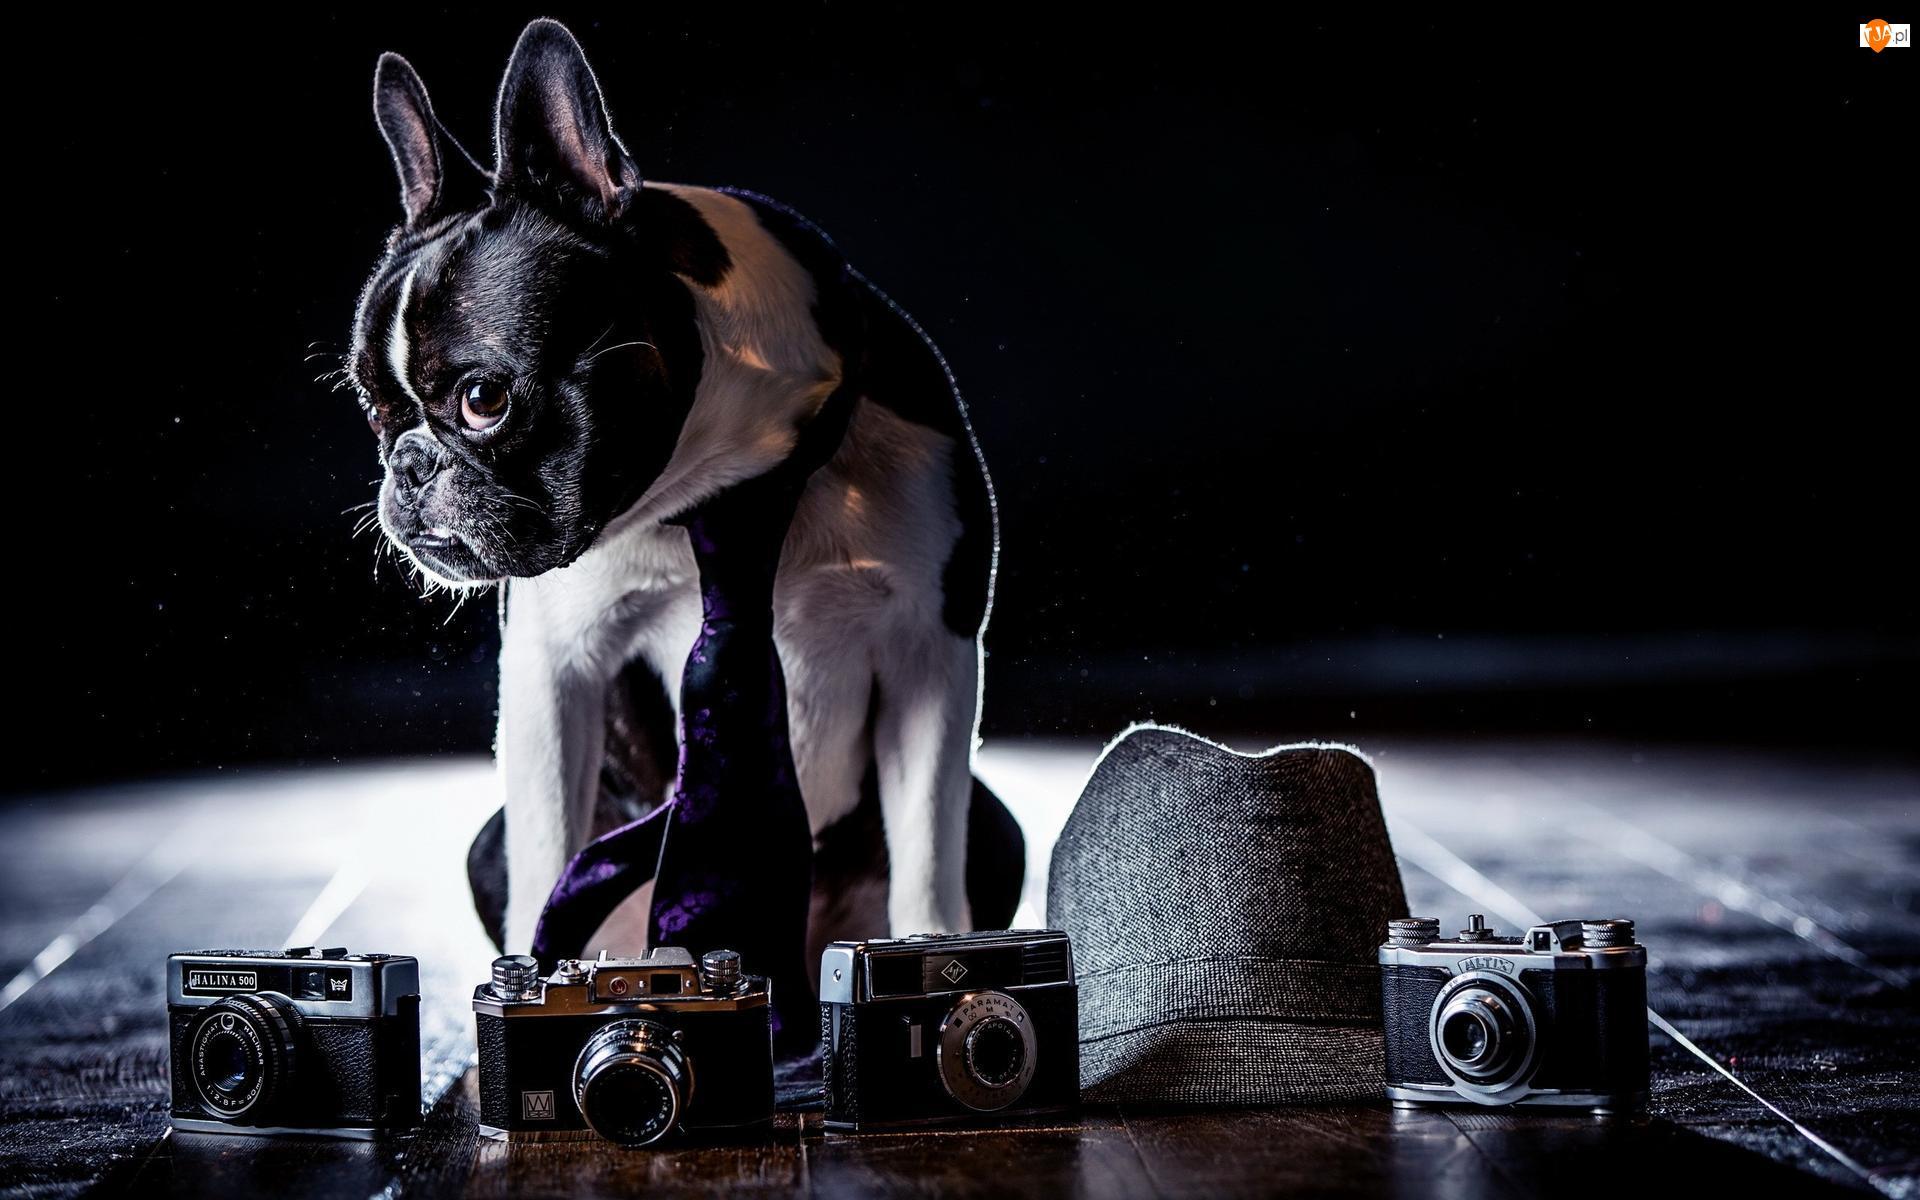 Buldog francuski, Krawat, Aparaty fotograficzne, Kapelusz